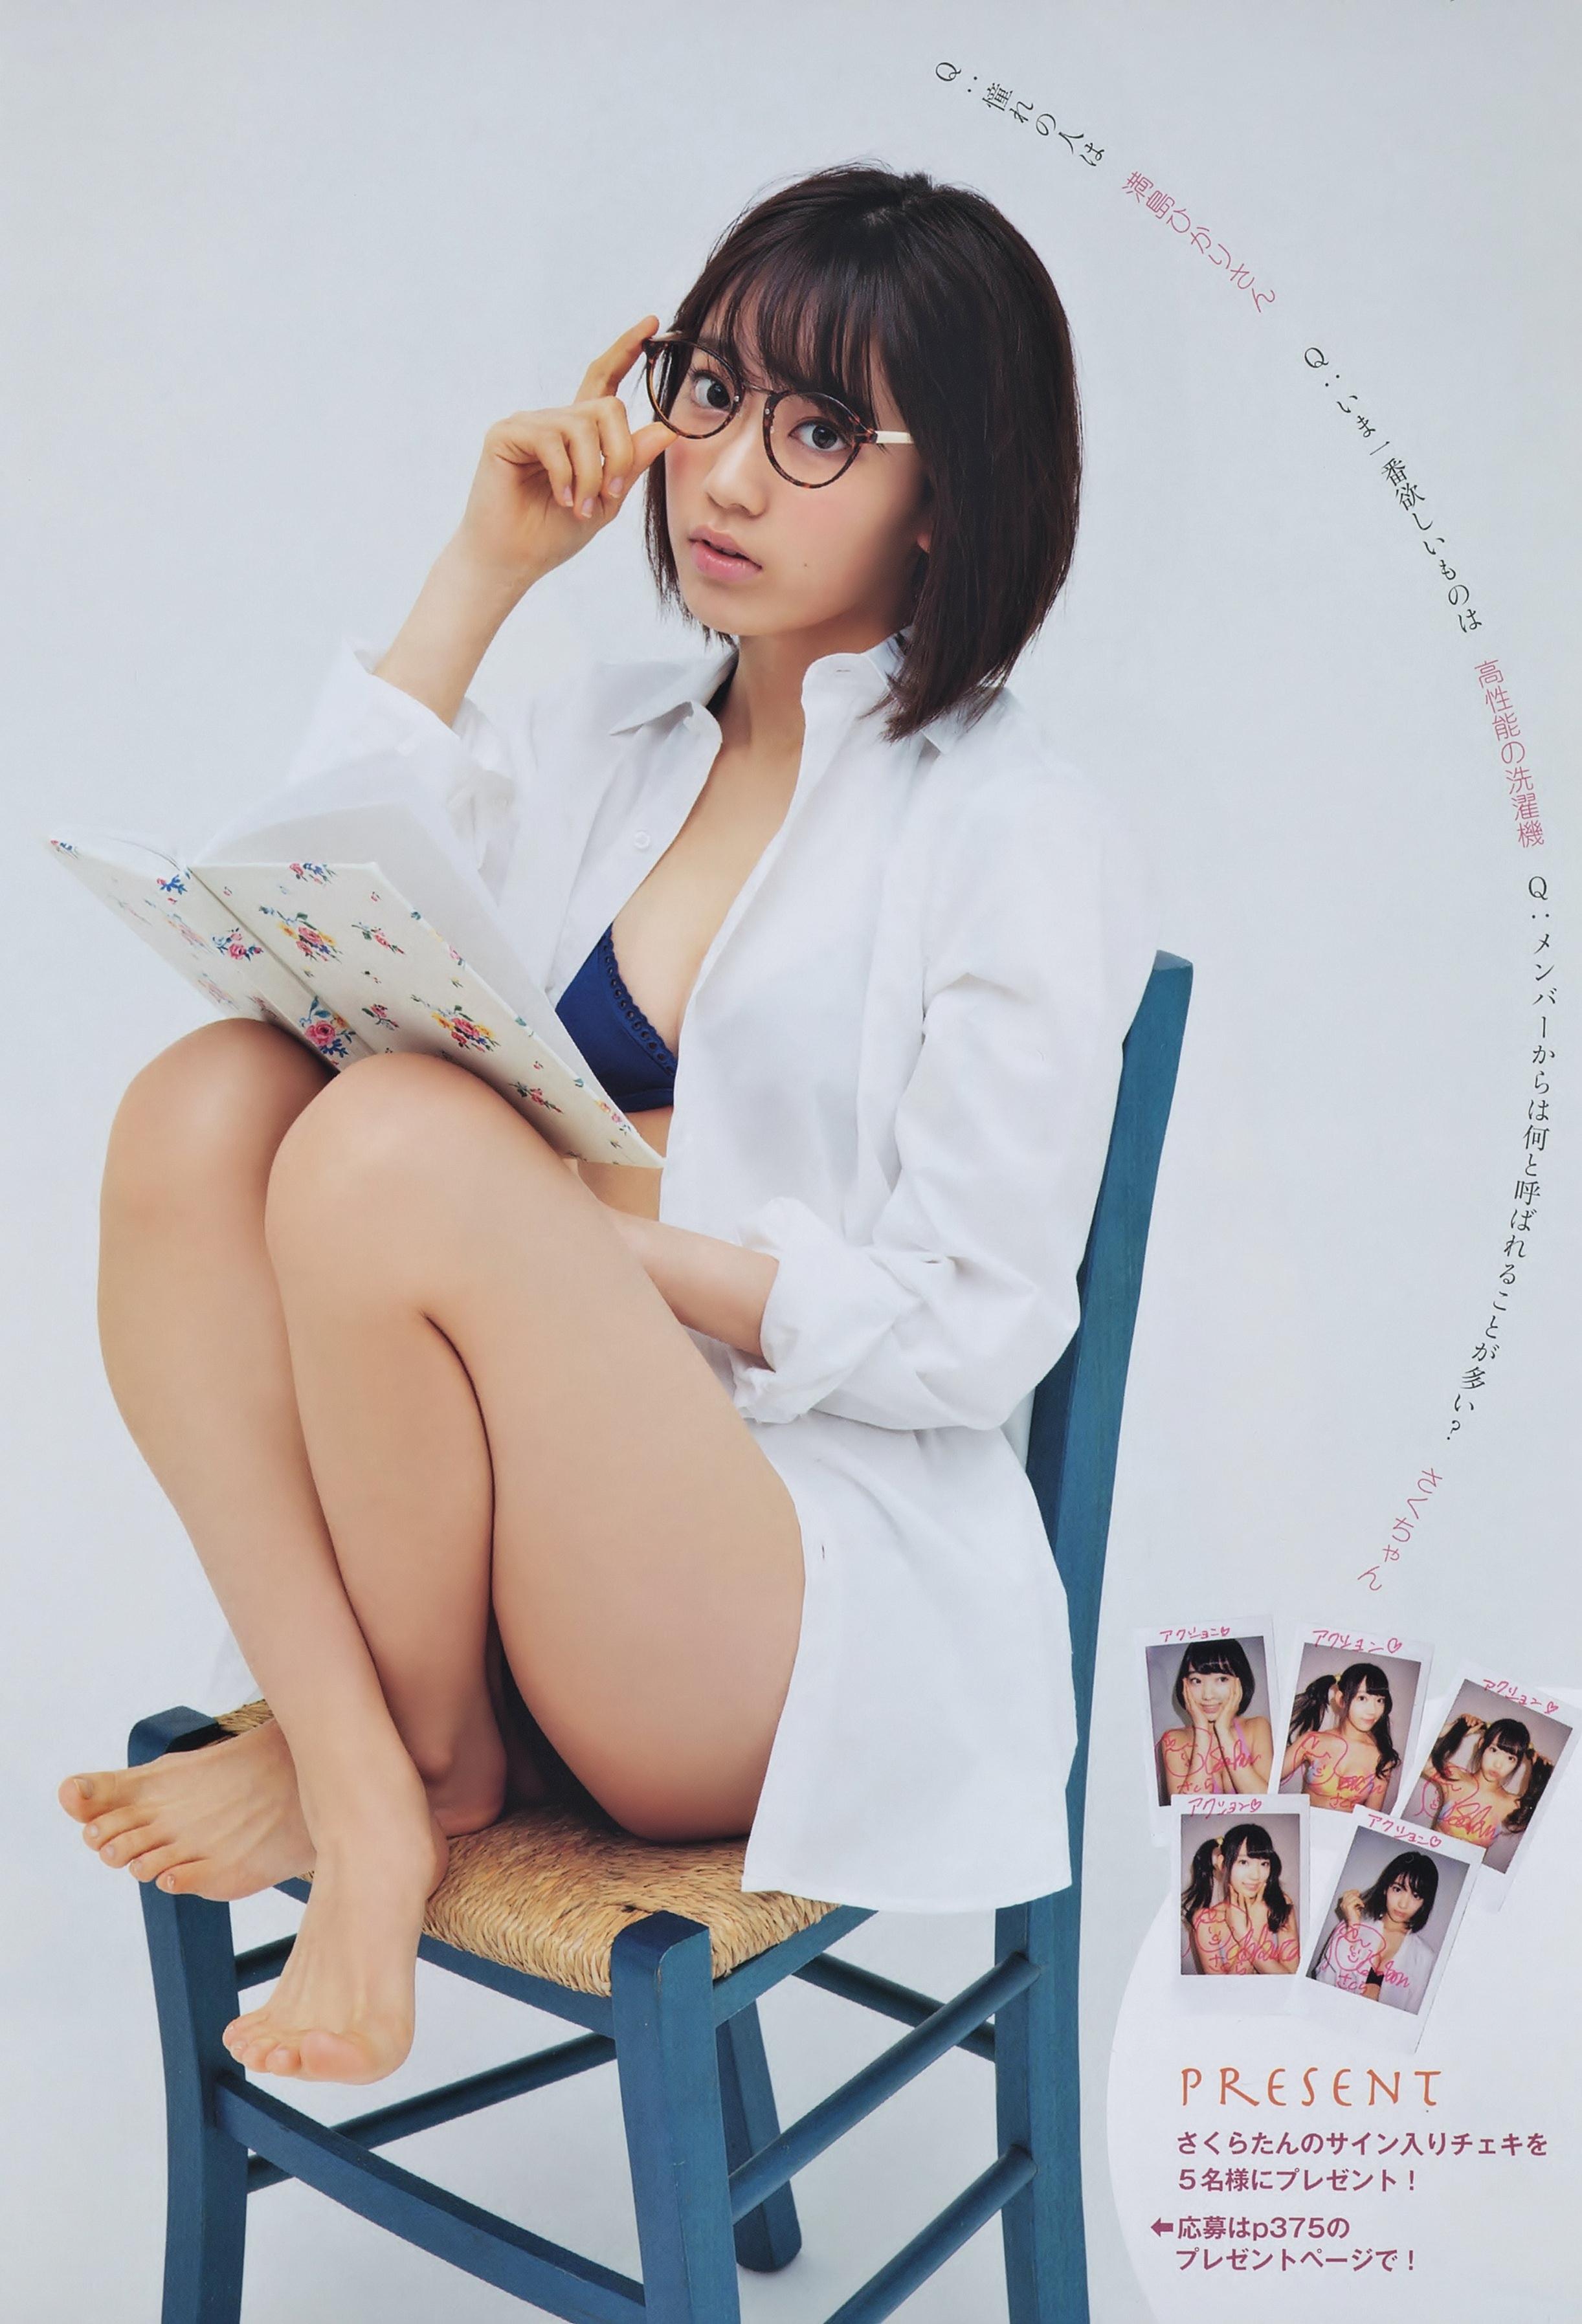 メガネに手をかけて真面目な優等生タイプの宮脇咲良